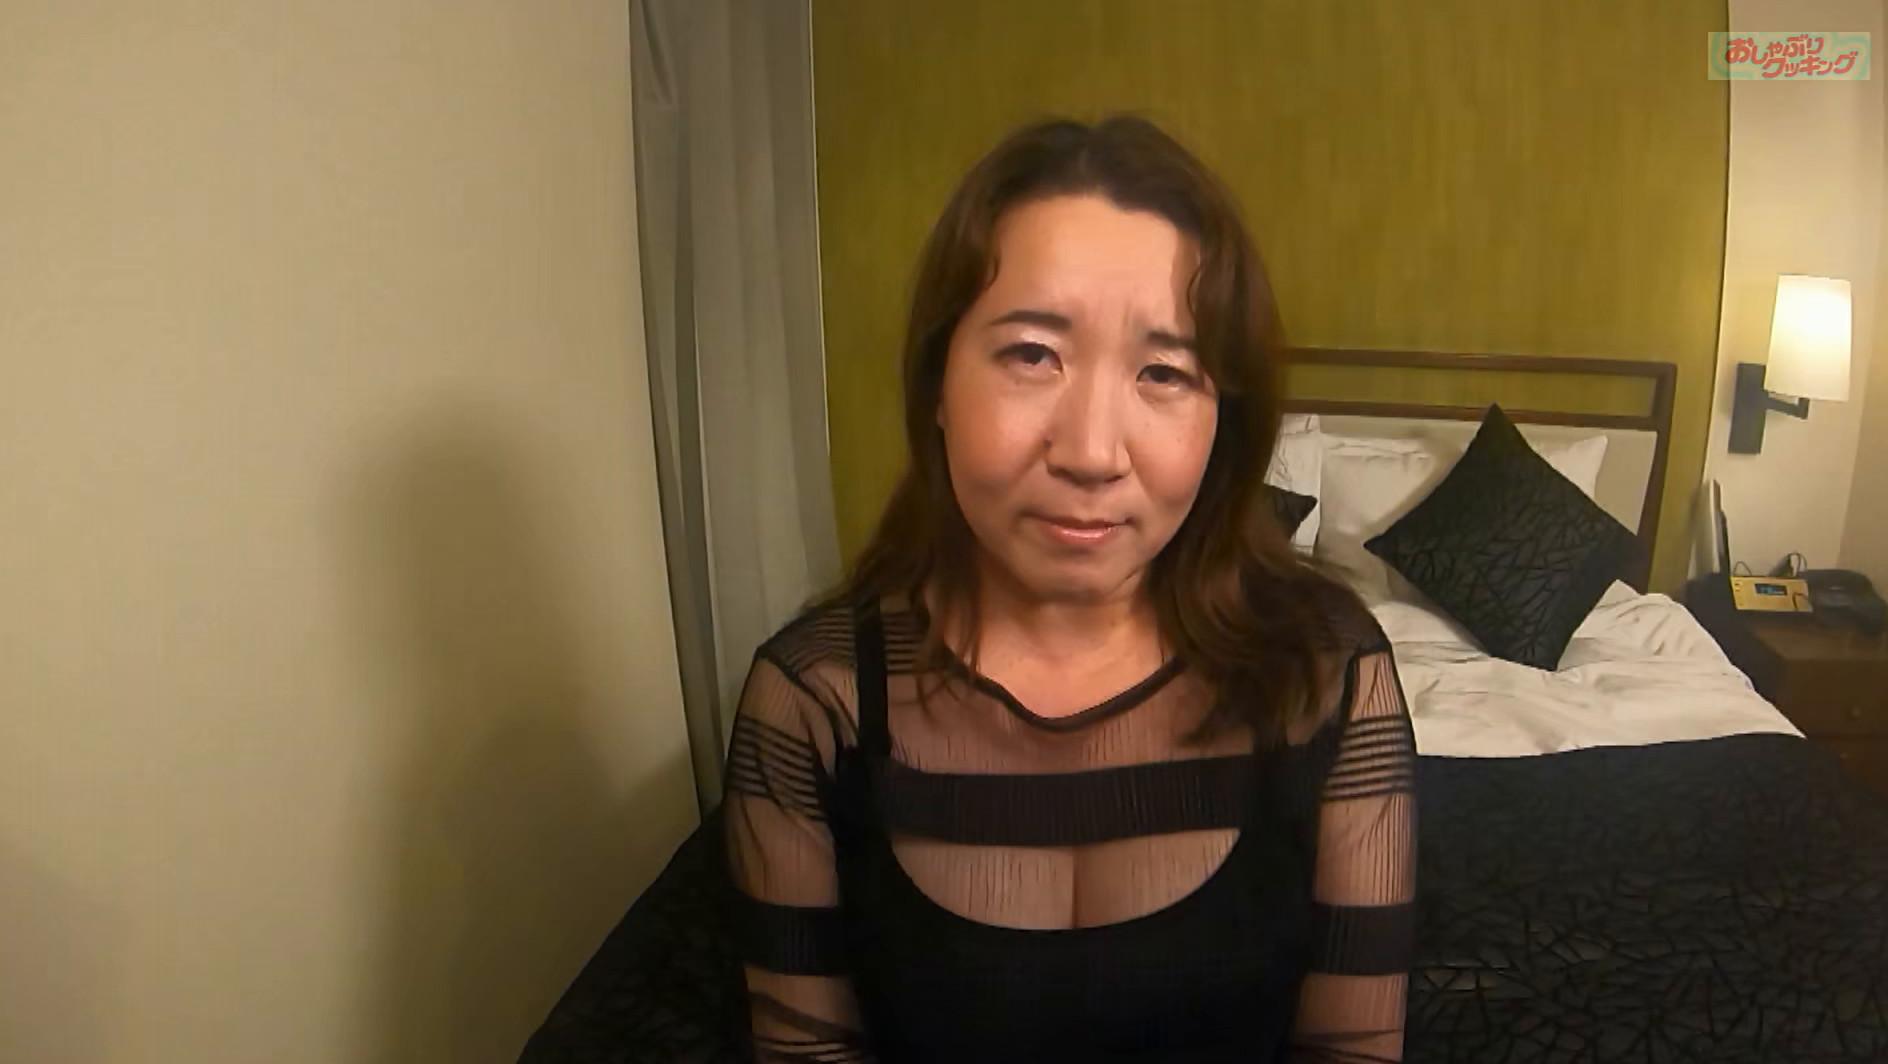 超淫乱SEX狂いのドMおばさん よしこ58歳 画像1